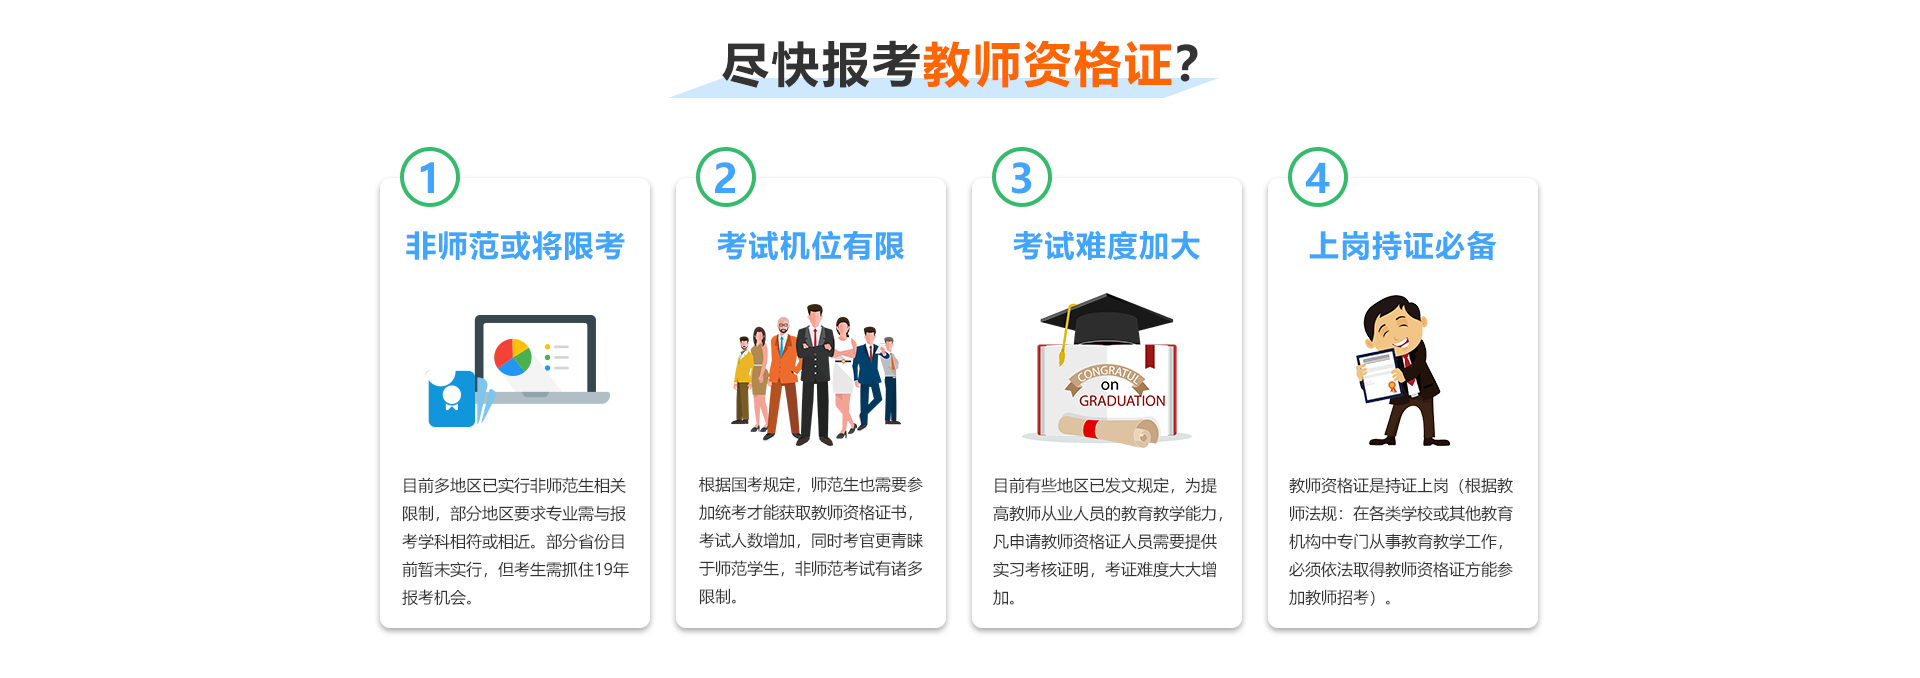 必过视频专题页-专业介绍-小学教师资格证_03.png